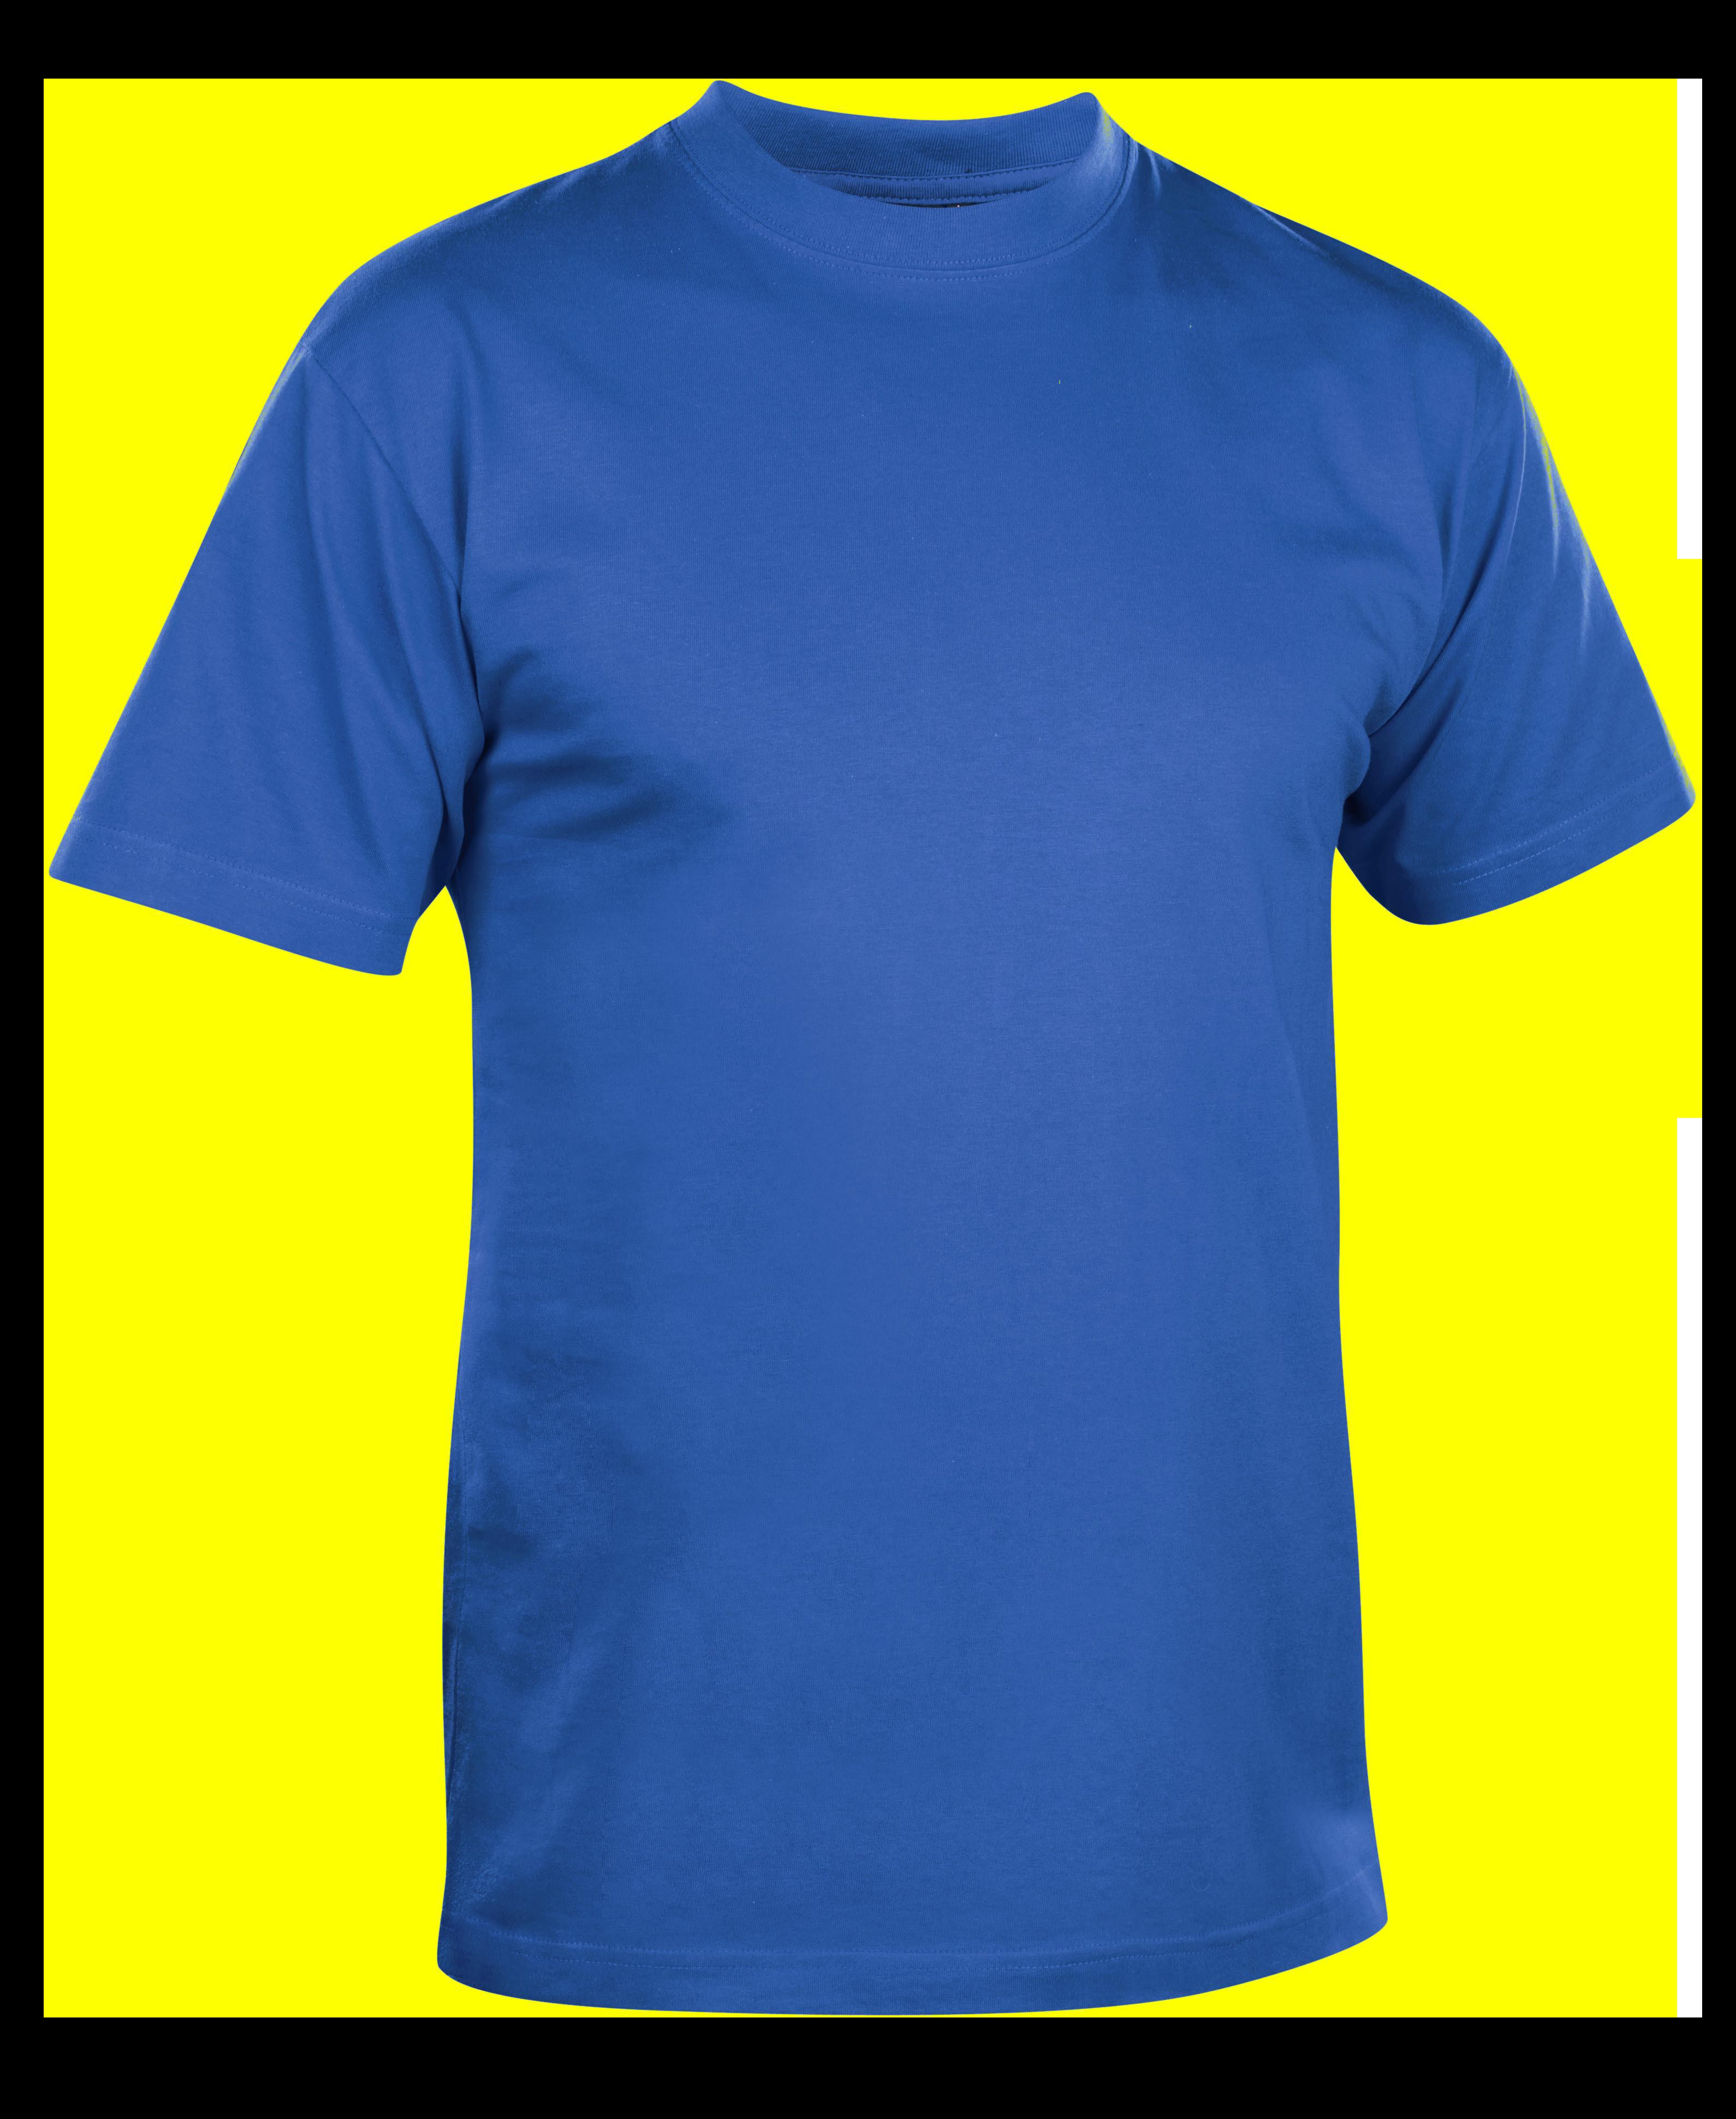 Blue T Shirt Png Image T Shirt Image T Shirt Png Black Tshirt